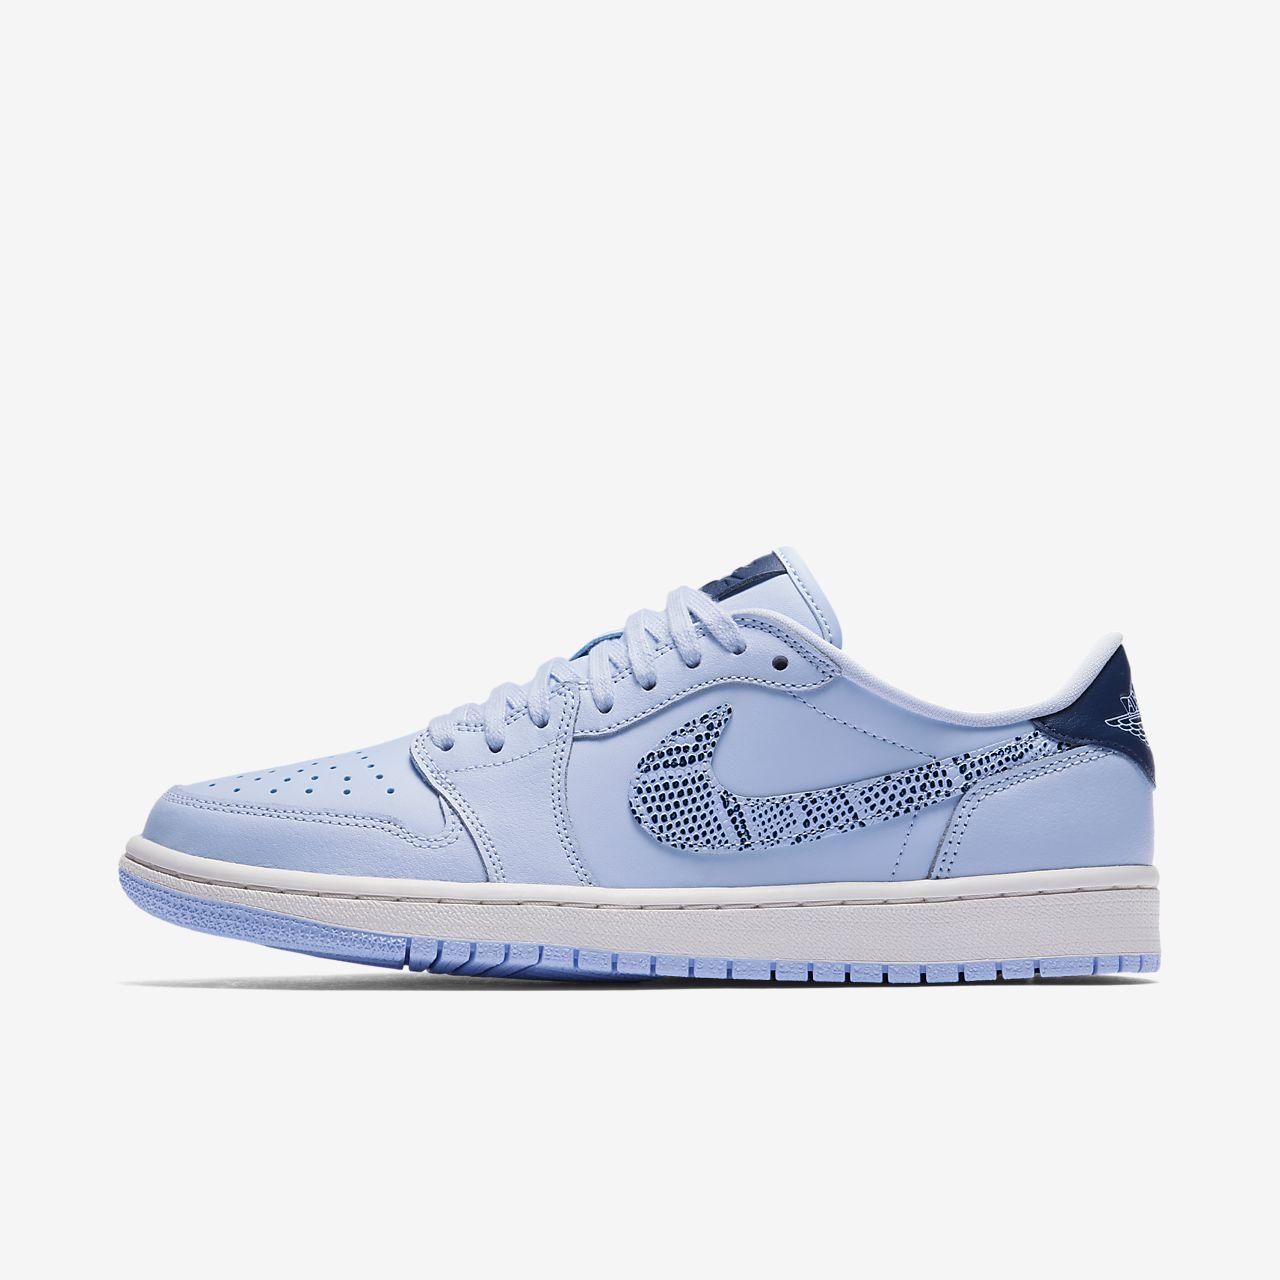 finest selection 06164 eb5af Air Jordan 1 Retro Low OG Women's Shoe